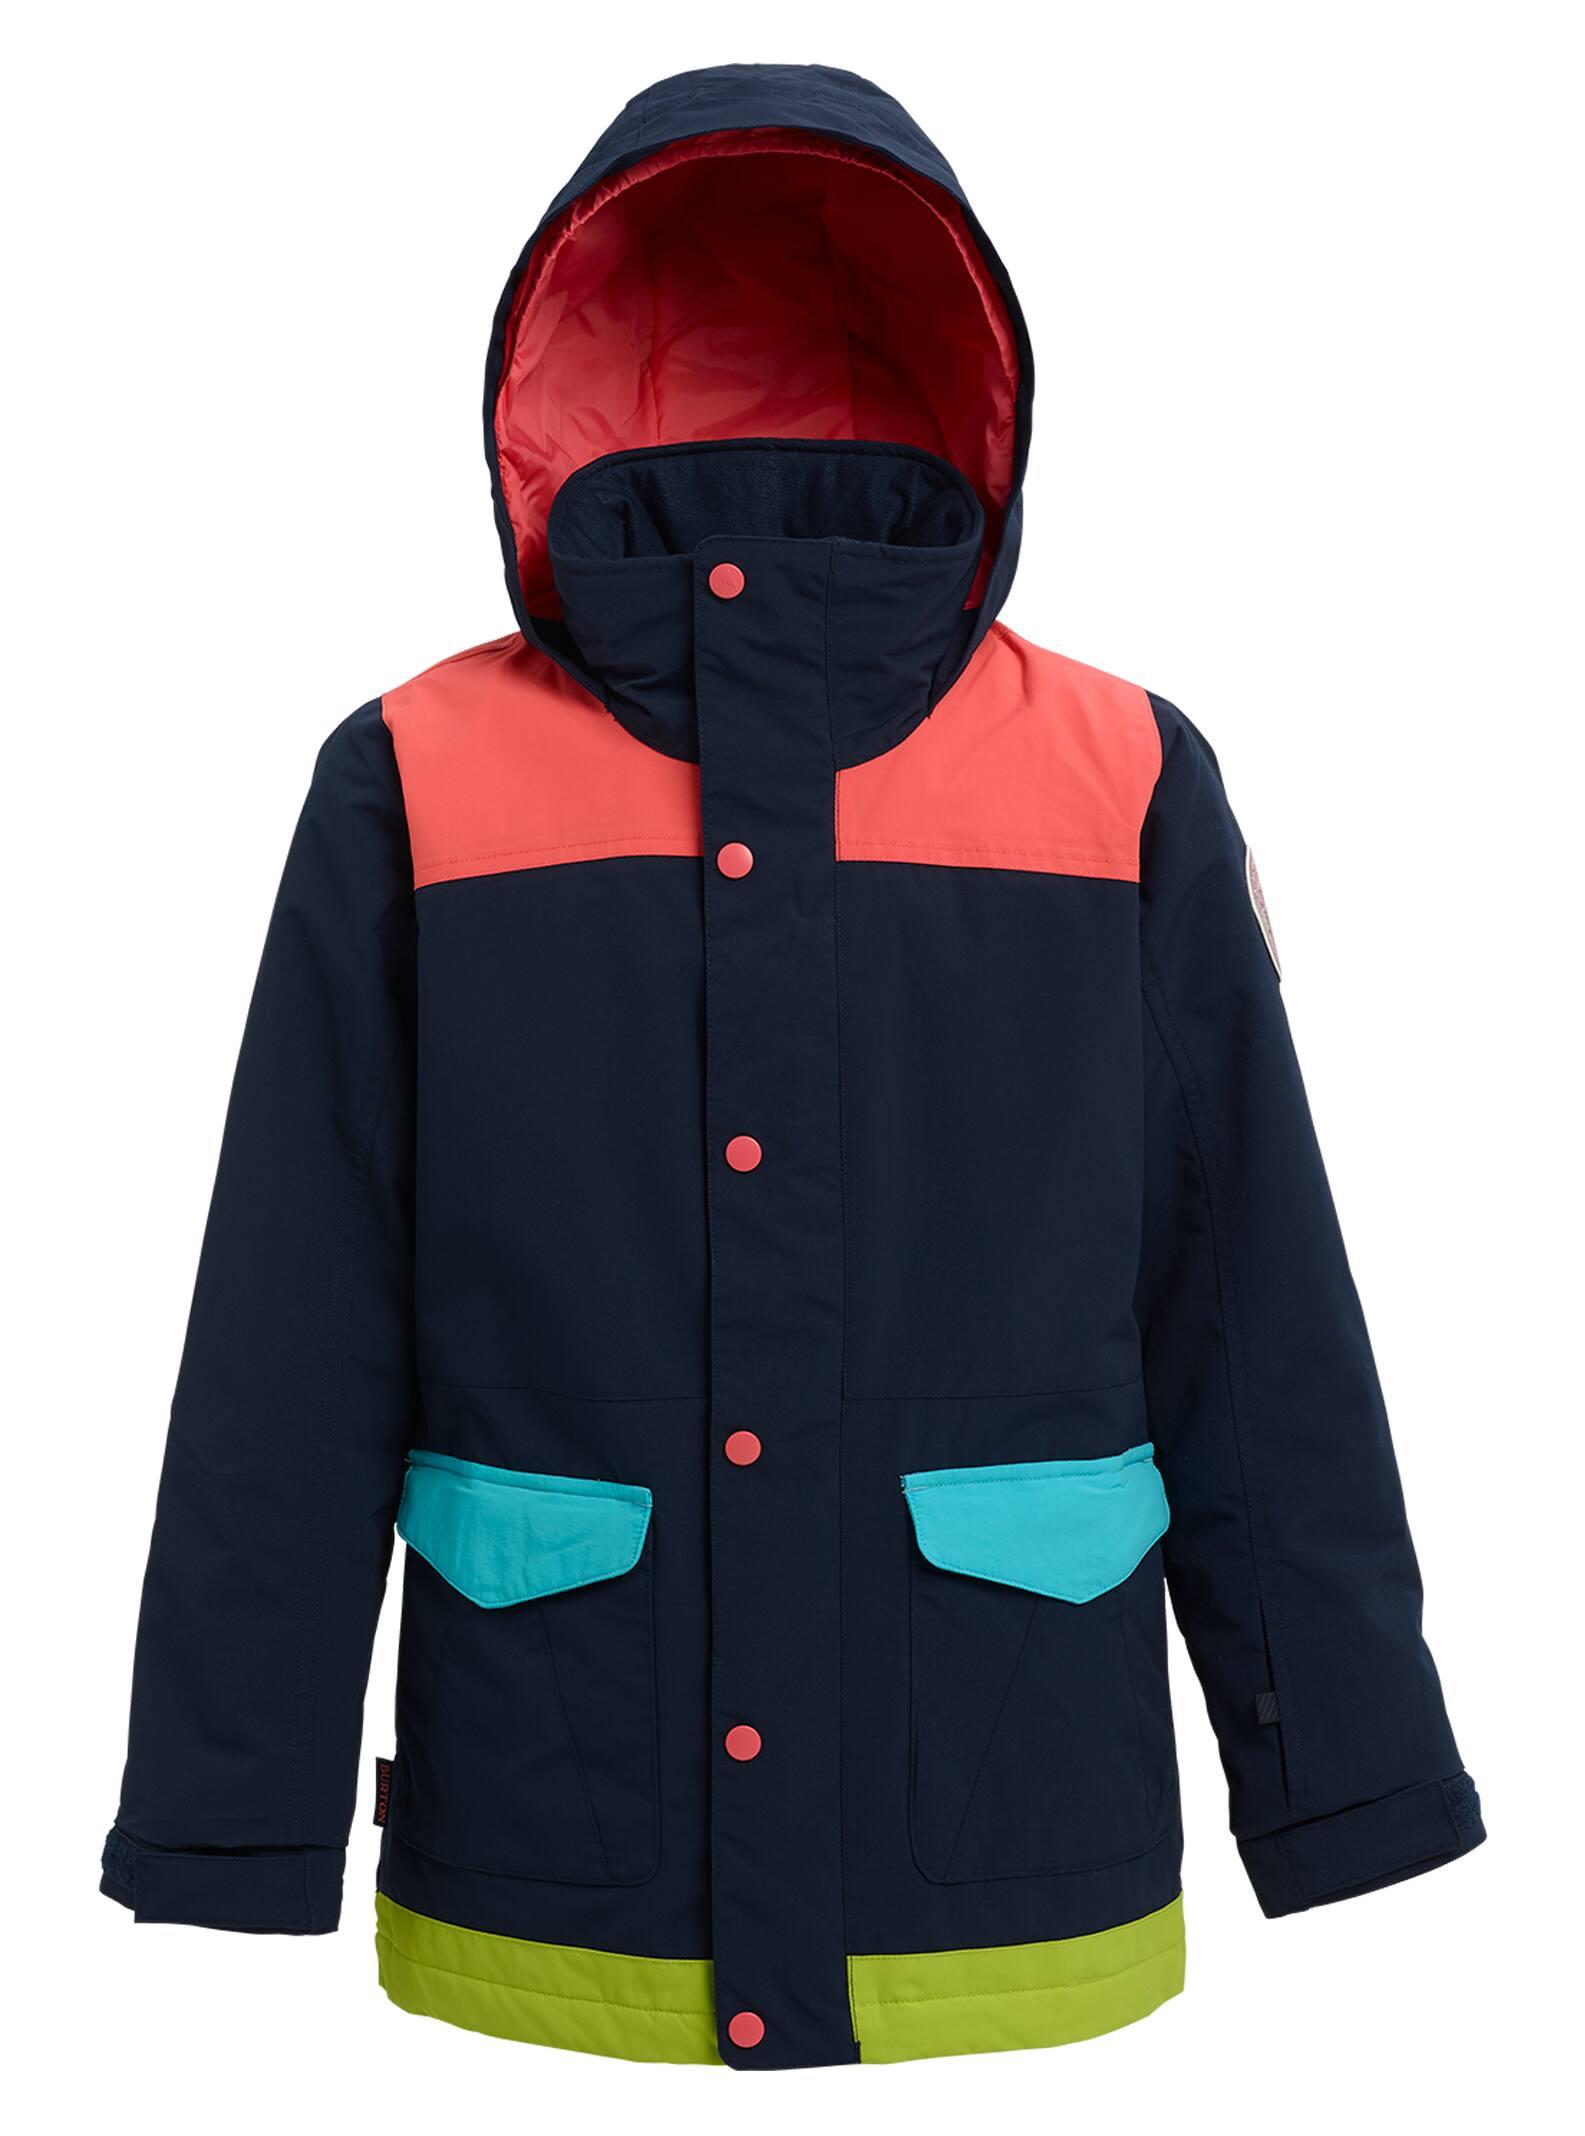 Burton Elstar-jacka för flickor, Dress Blue Multi, XS